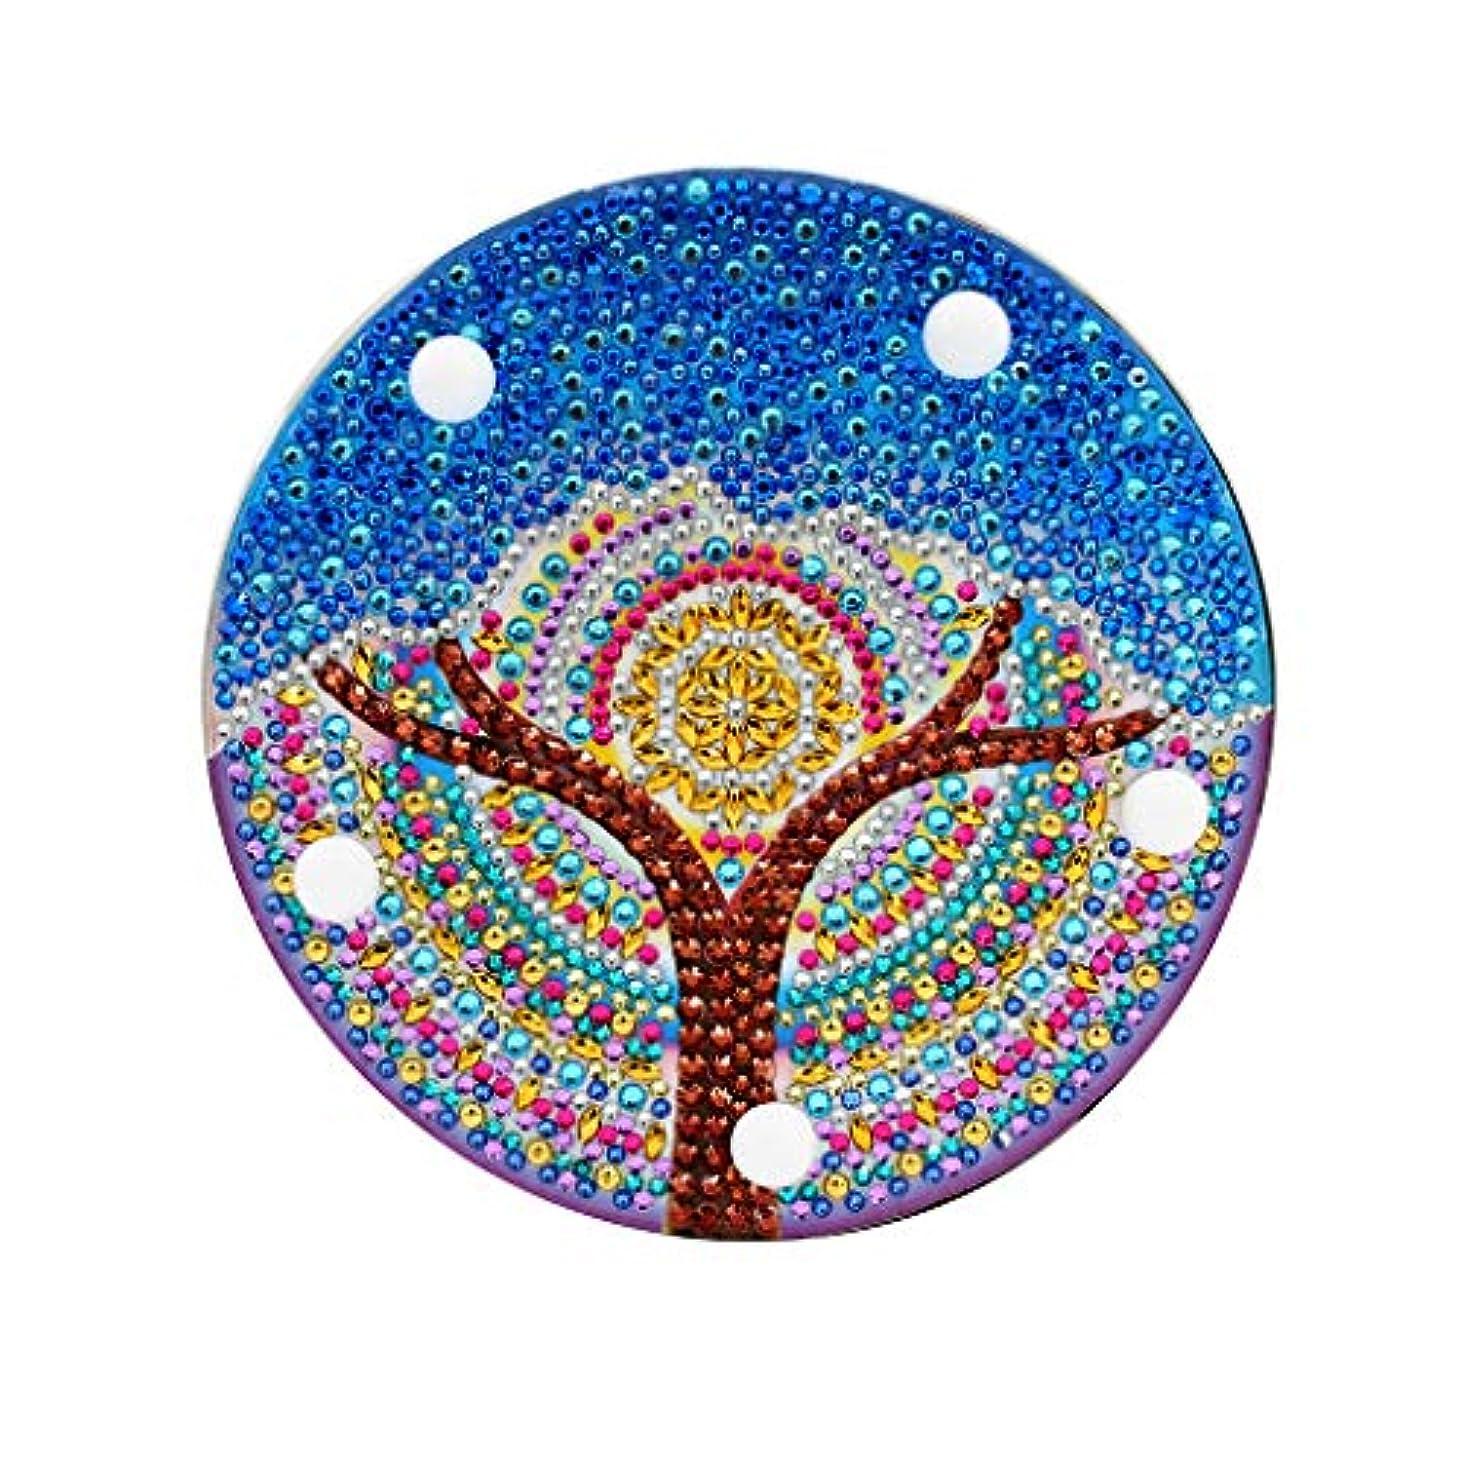 どういたしまして池温度計Barlingrock バーリングロックDIYダイヤモンド塗装ライト刺繍フルドリル専用ダイヤモンドLEDライトダイヤモンド塗装スタイルランプ(青)